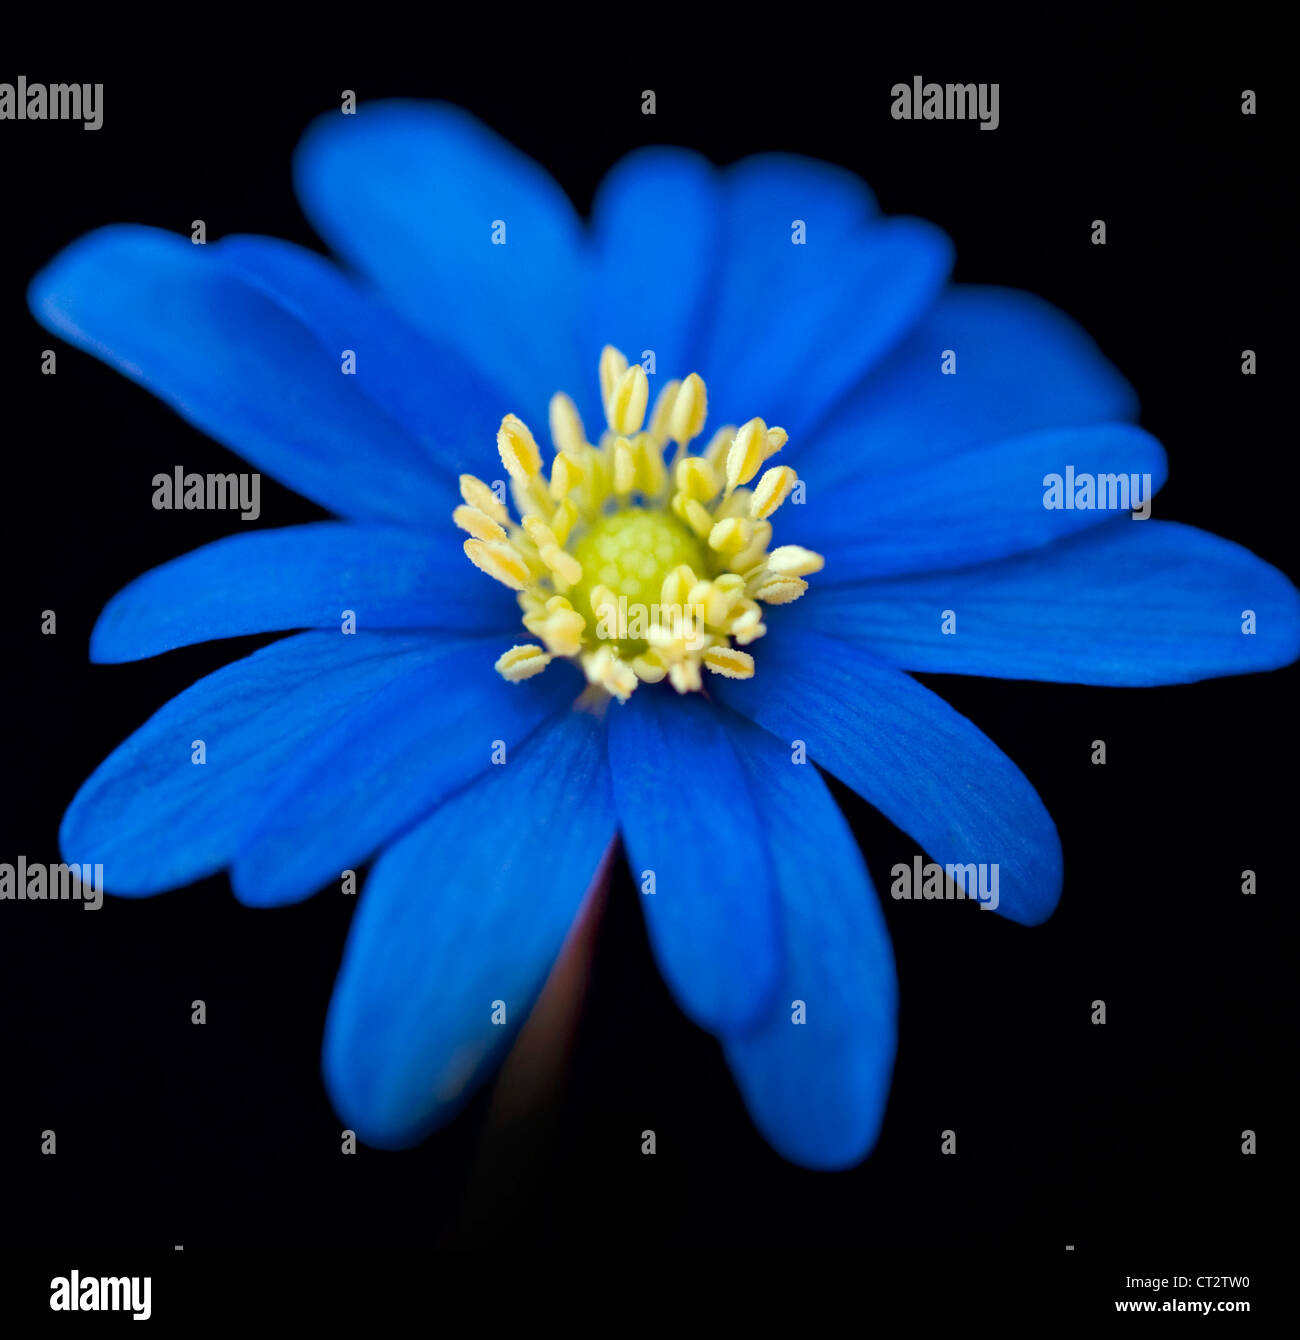 anemone einzelne blaue blume vor einem schwarzen hintergrund stockfoto bild 49235900 alamy. Black Bedroom Furniture Sets. Home Design Ideas